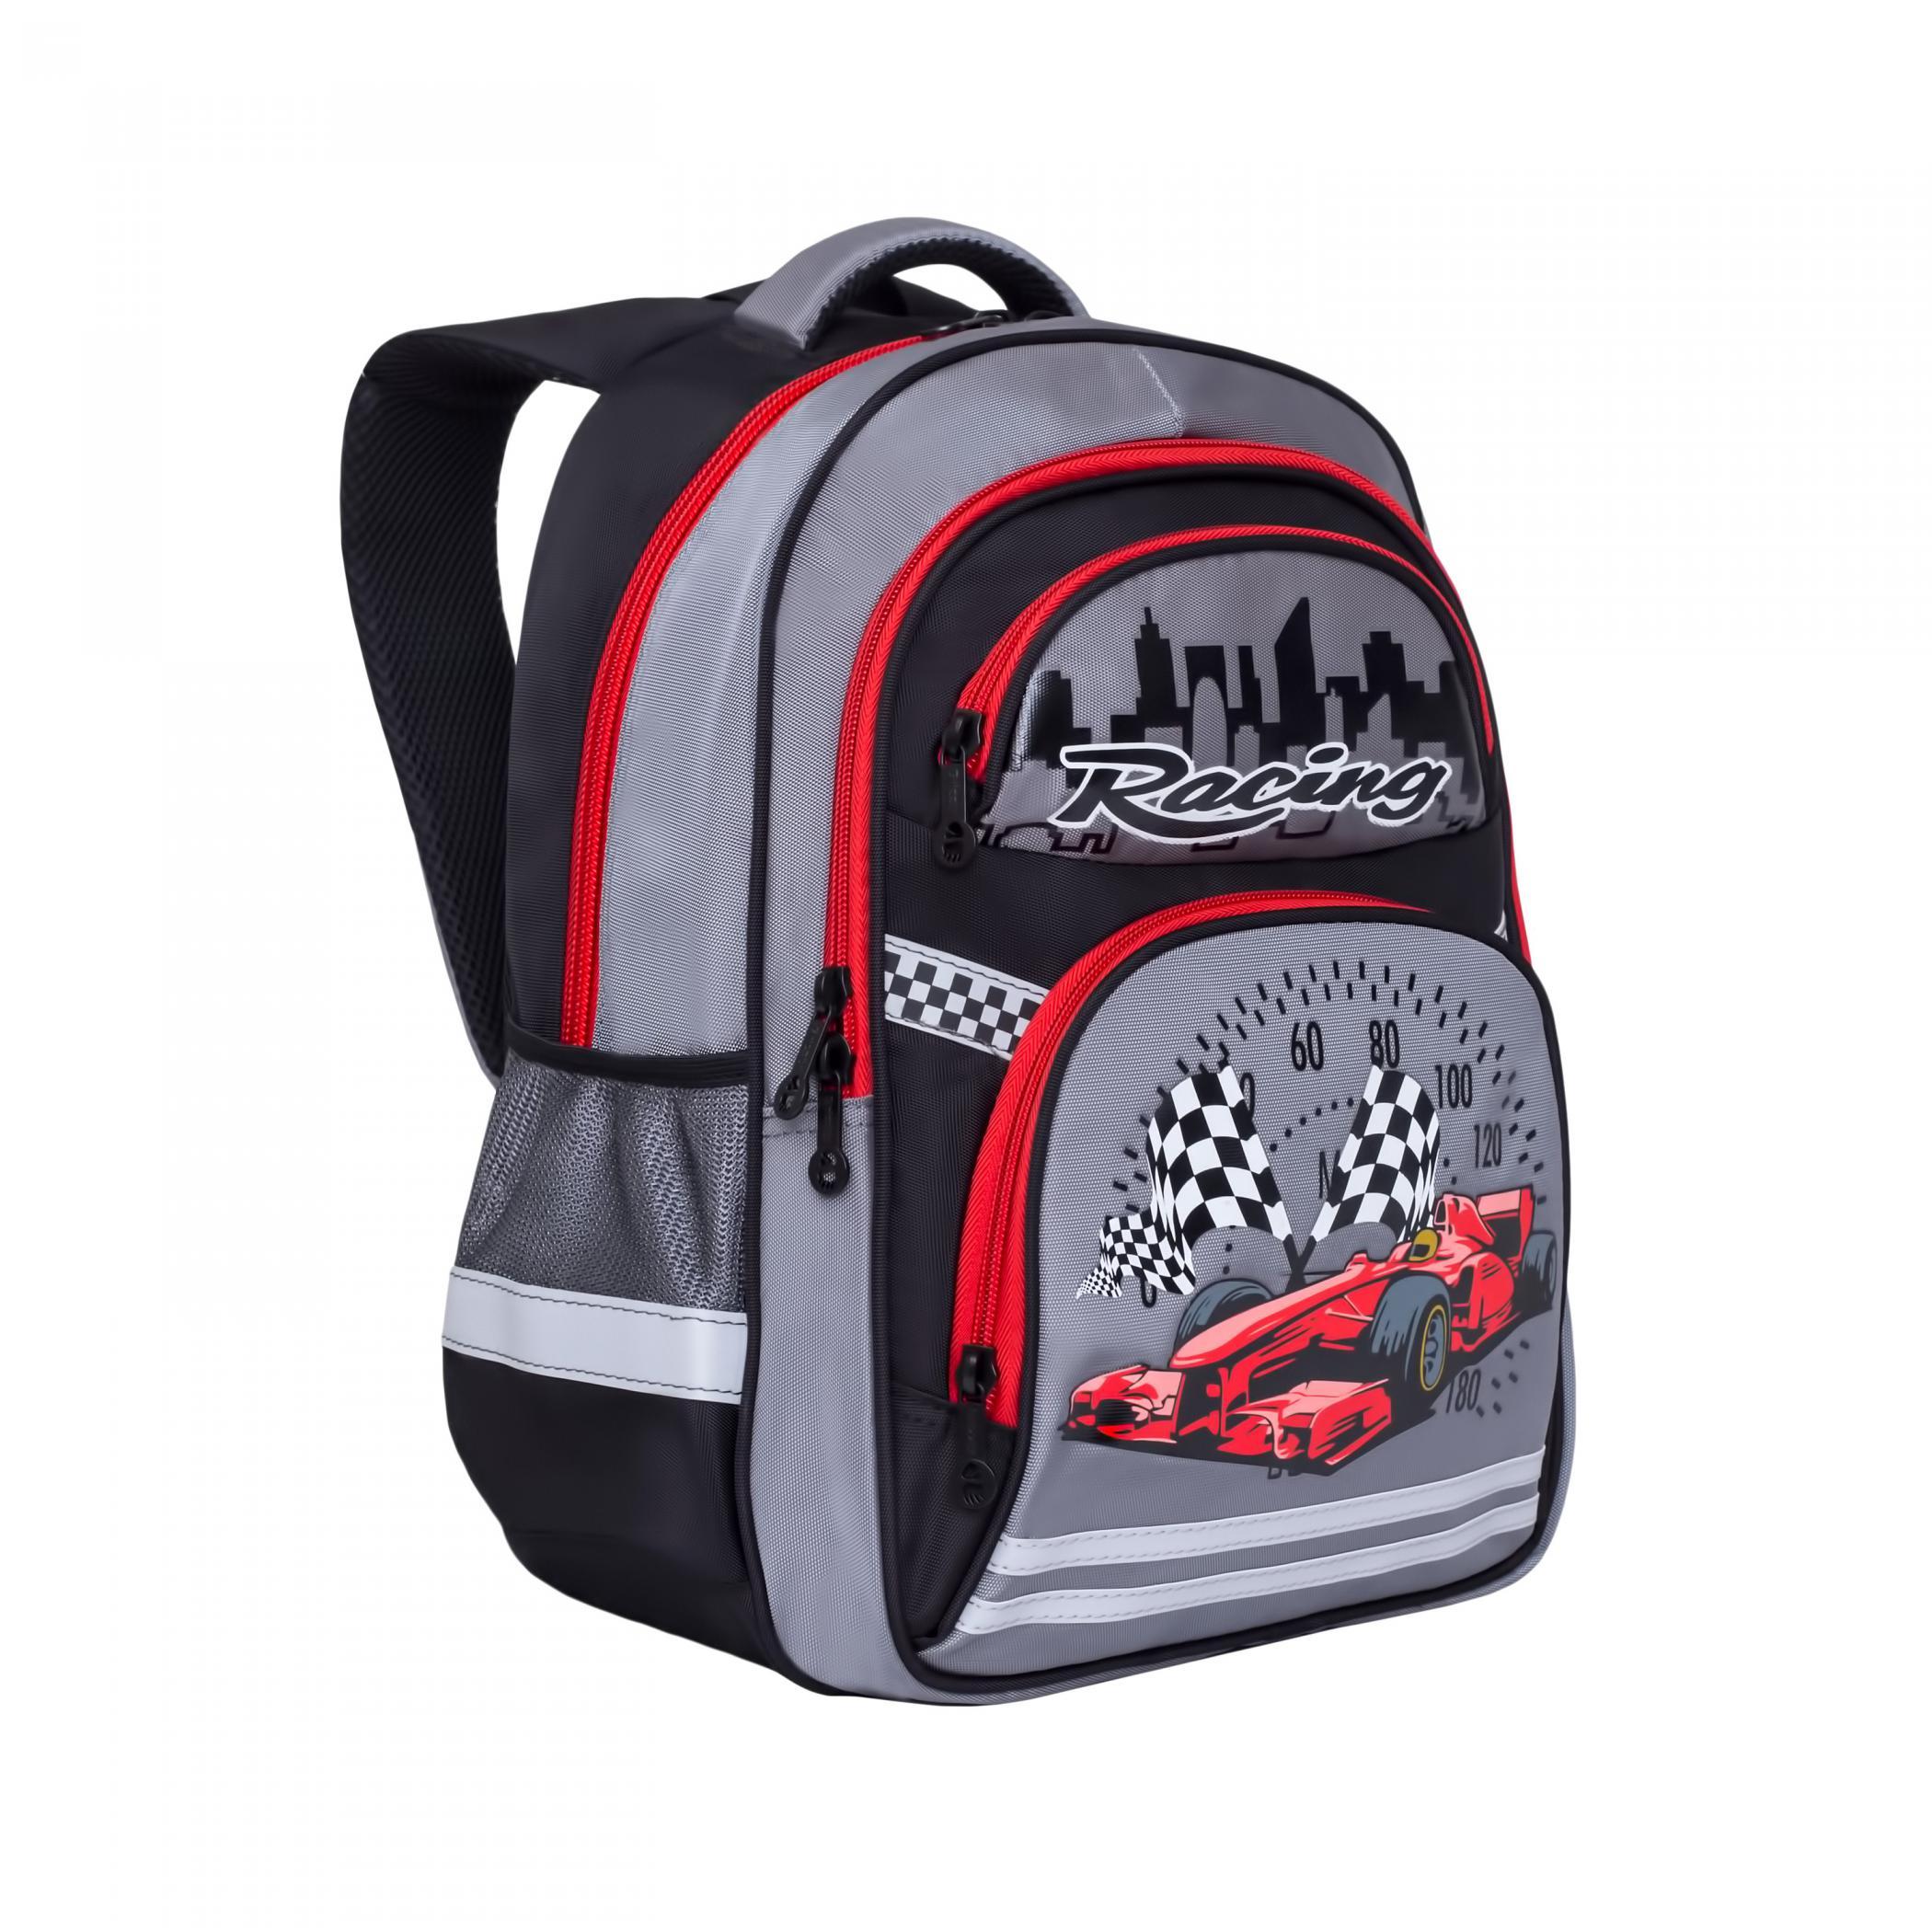 RB-860-5 Рюкзак школьный